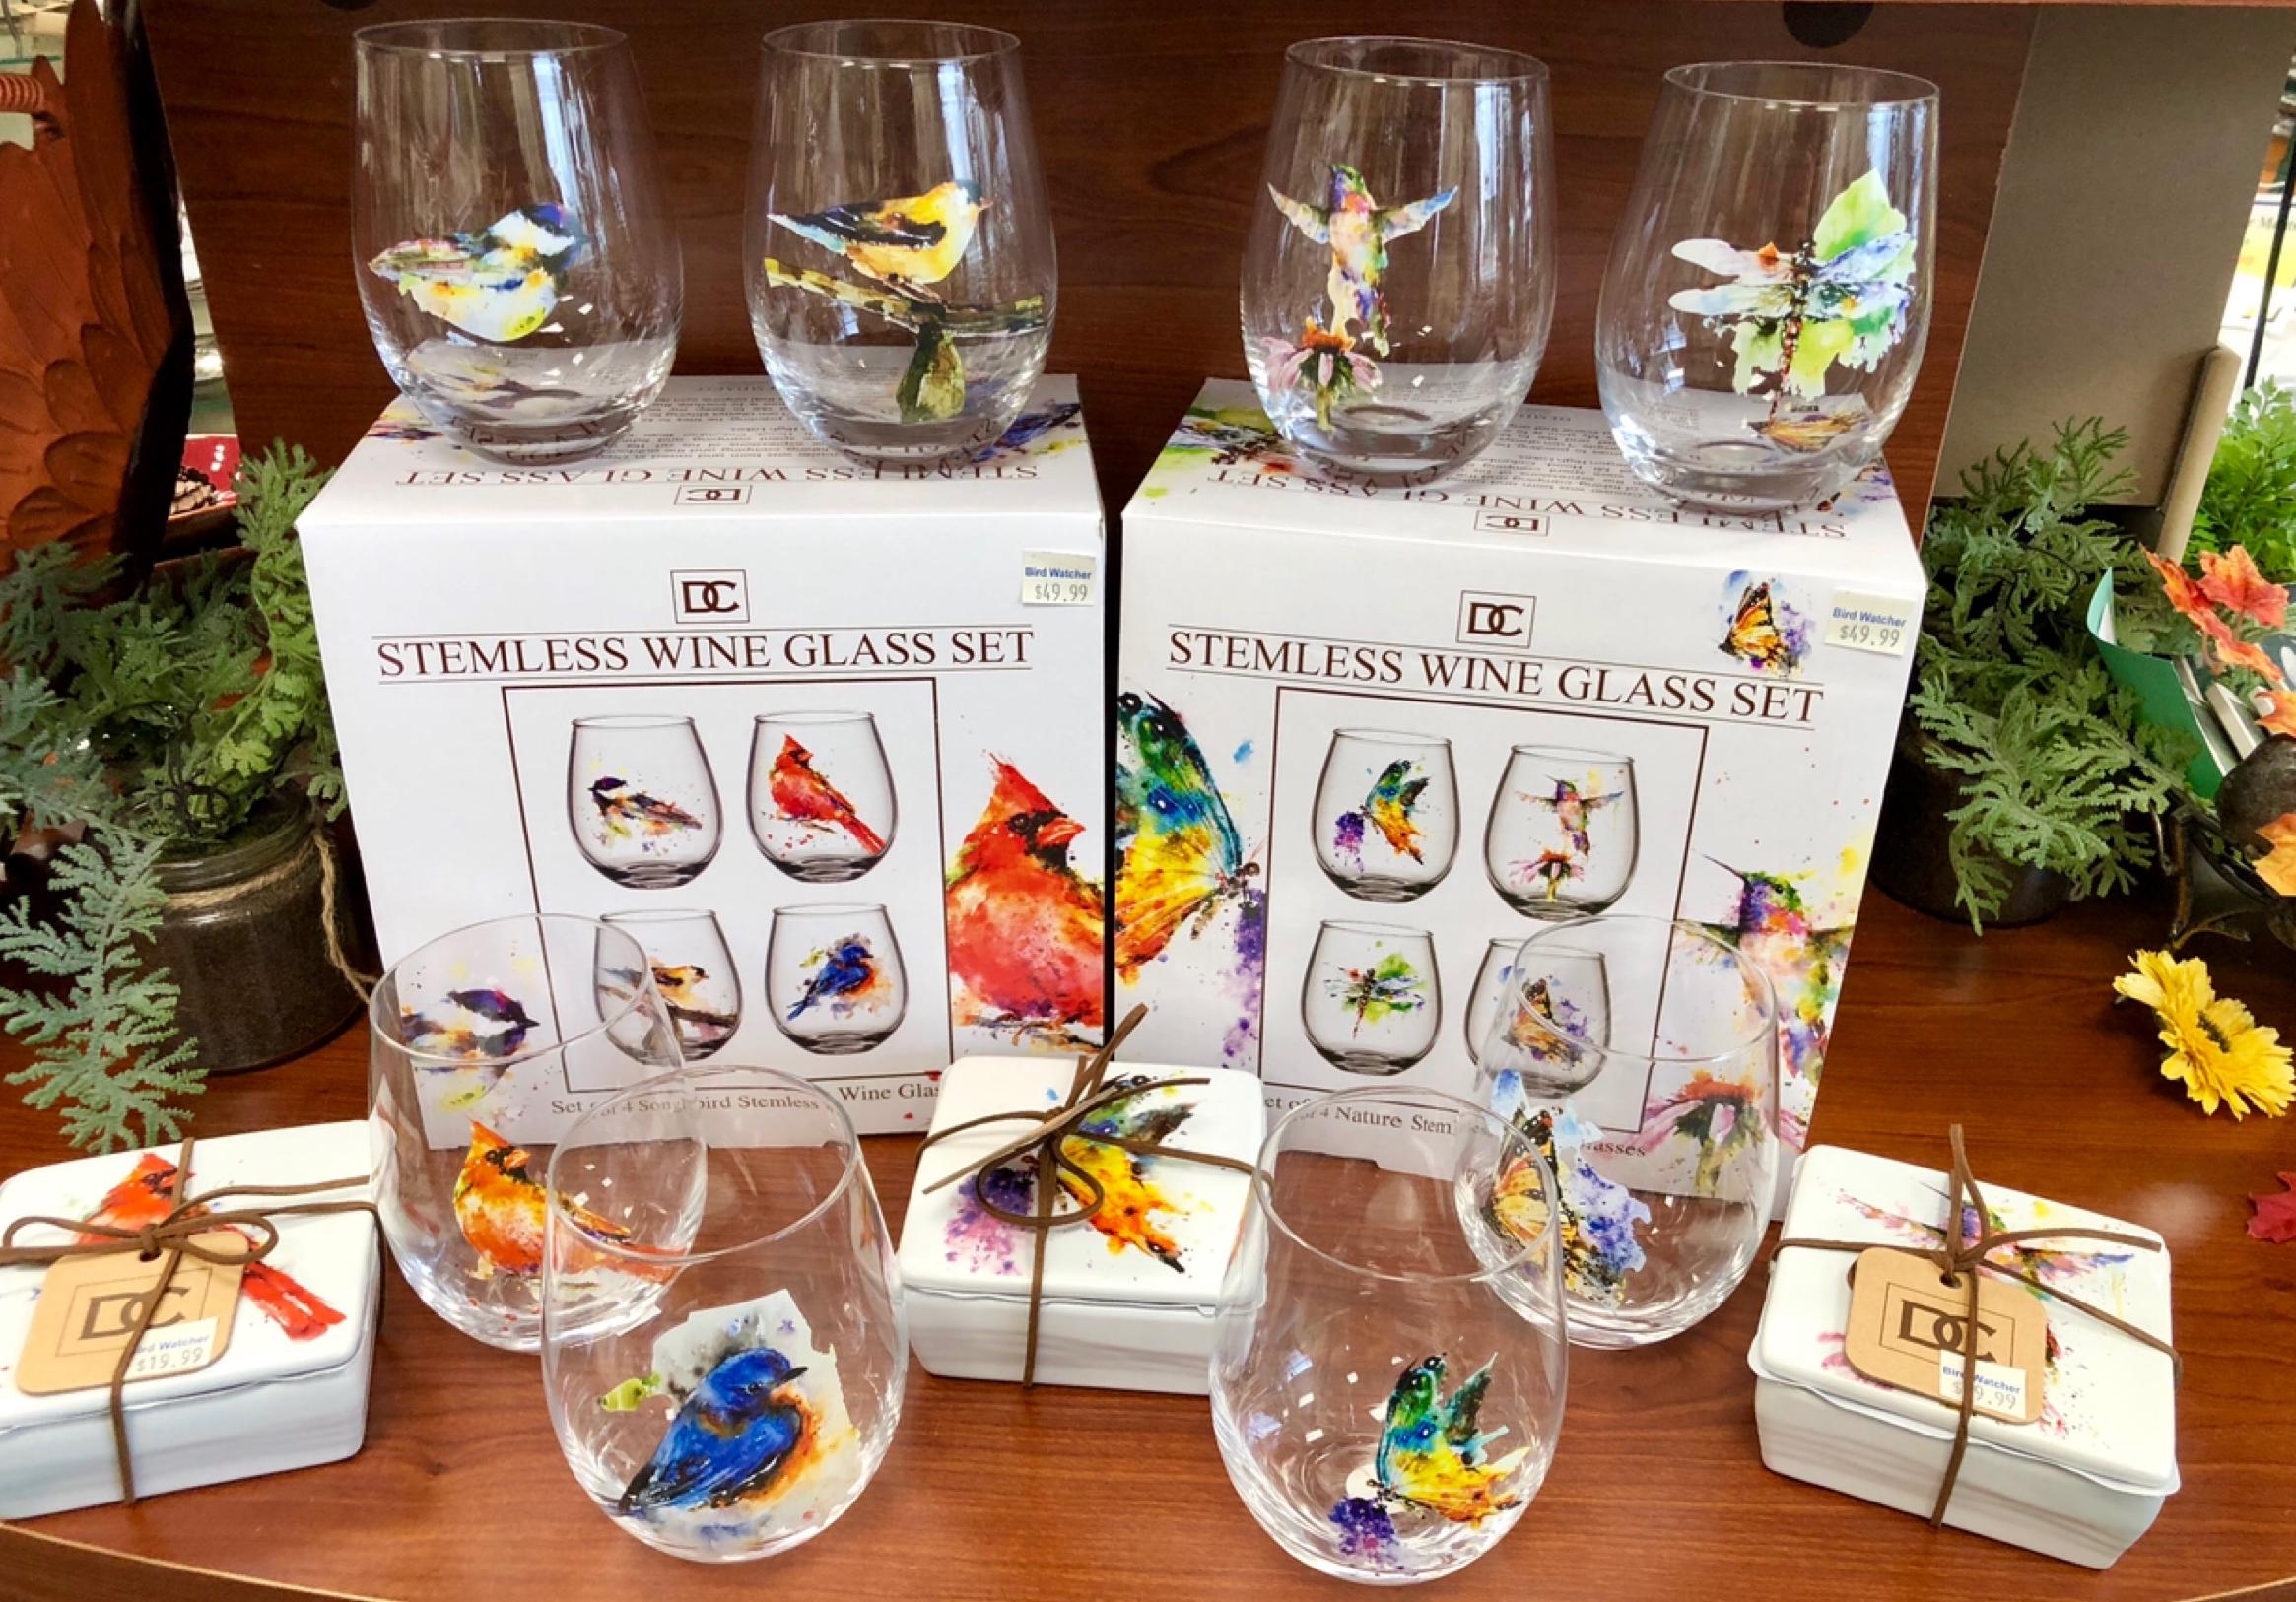 dean crouser, wine glass, stemless, birds, butterflies, tabletop, drinkware